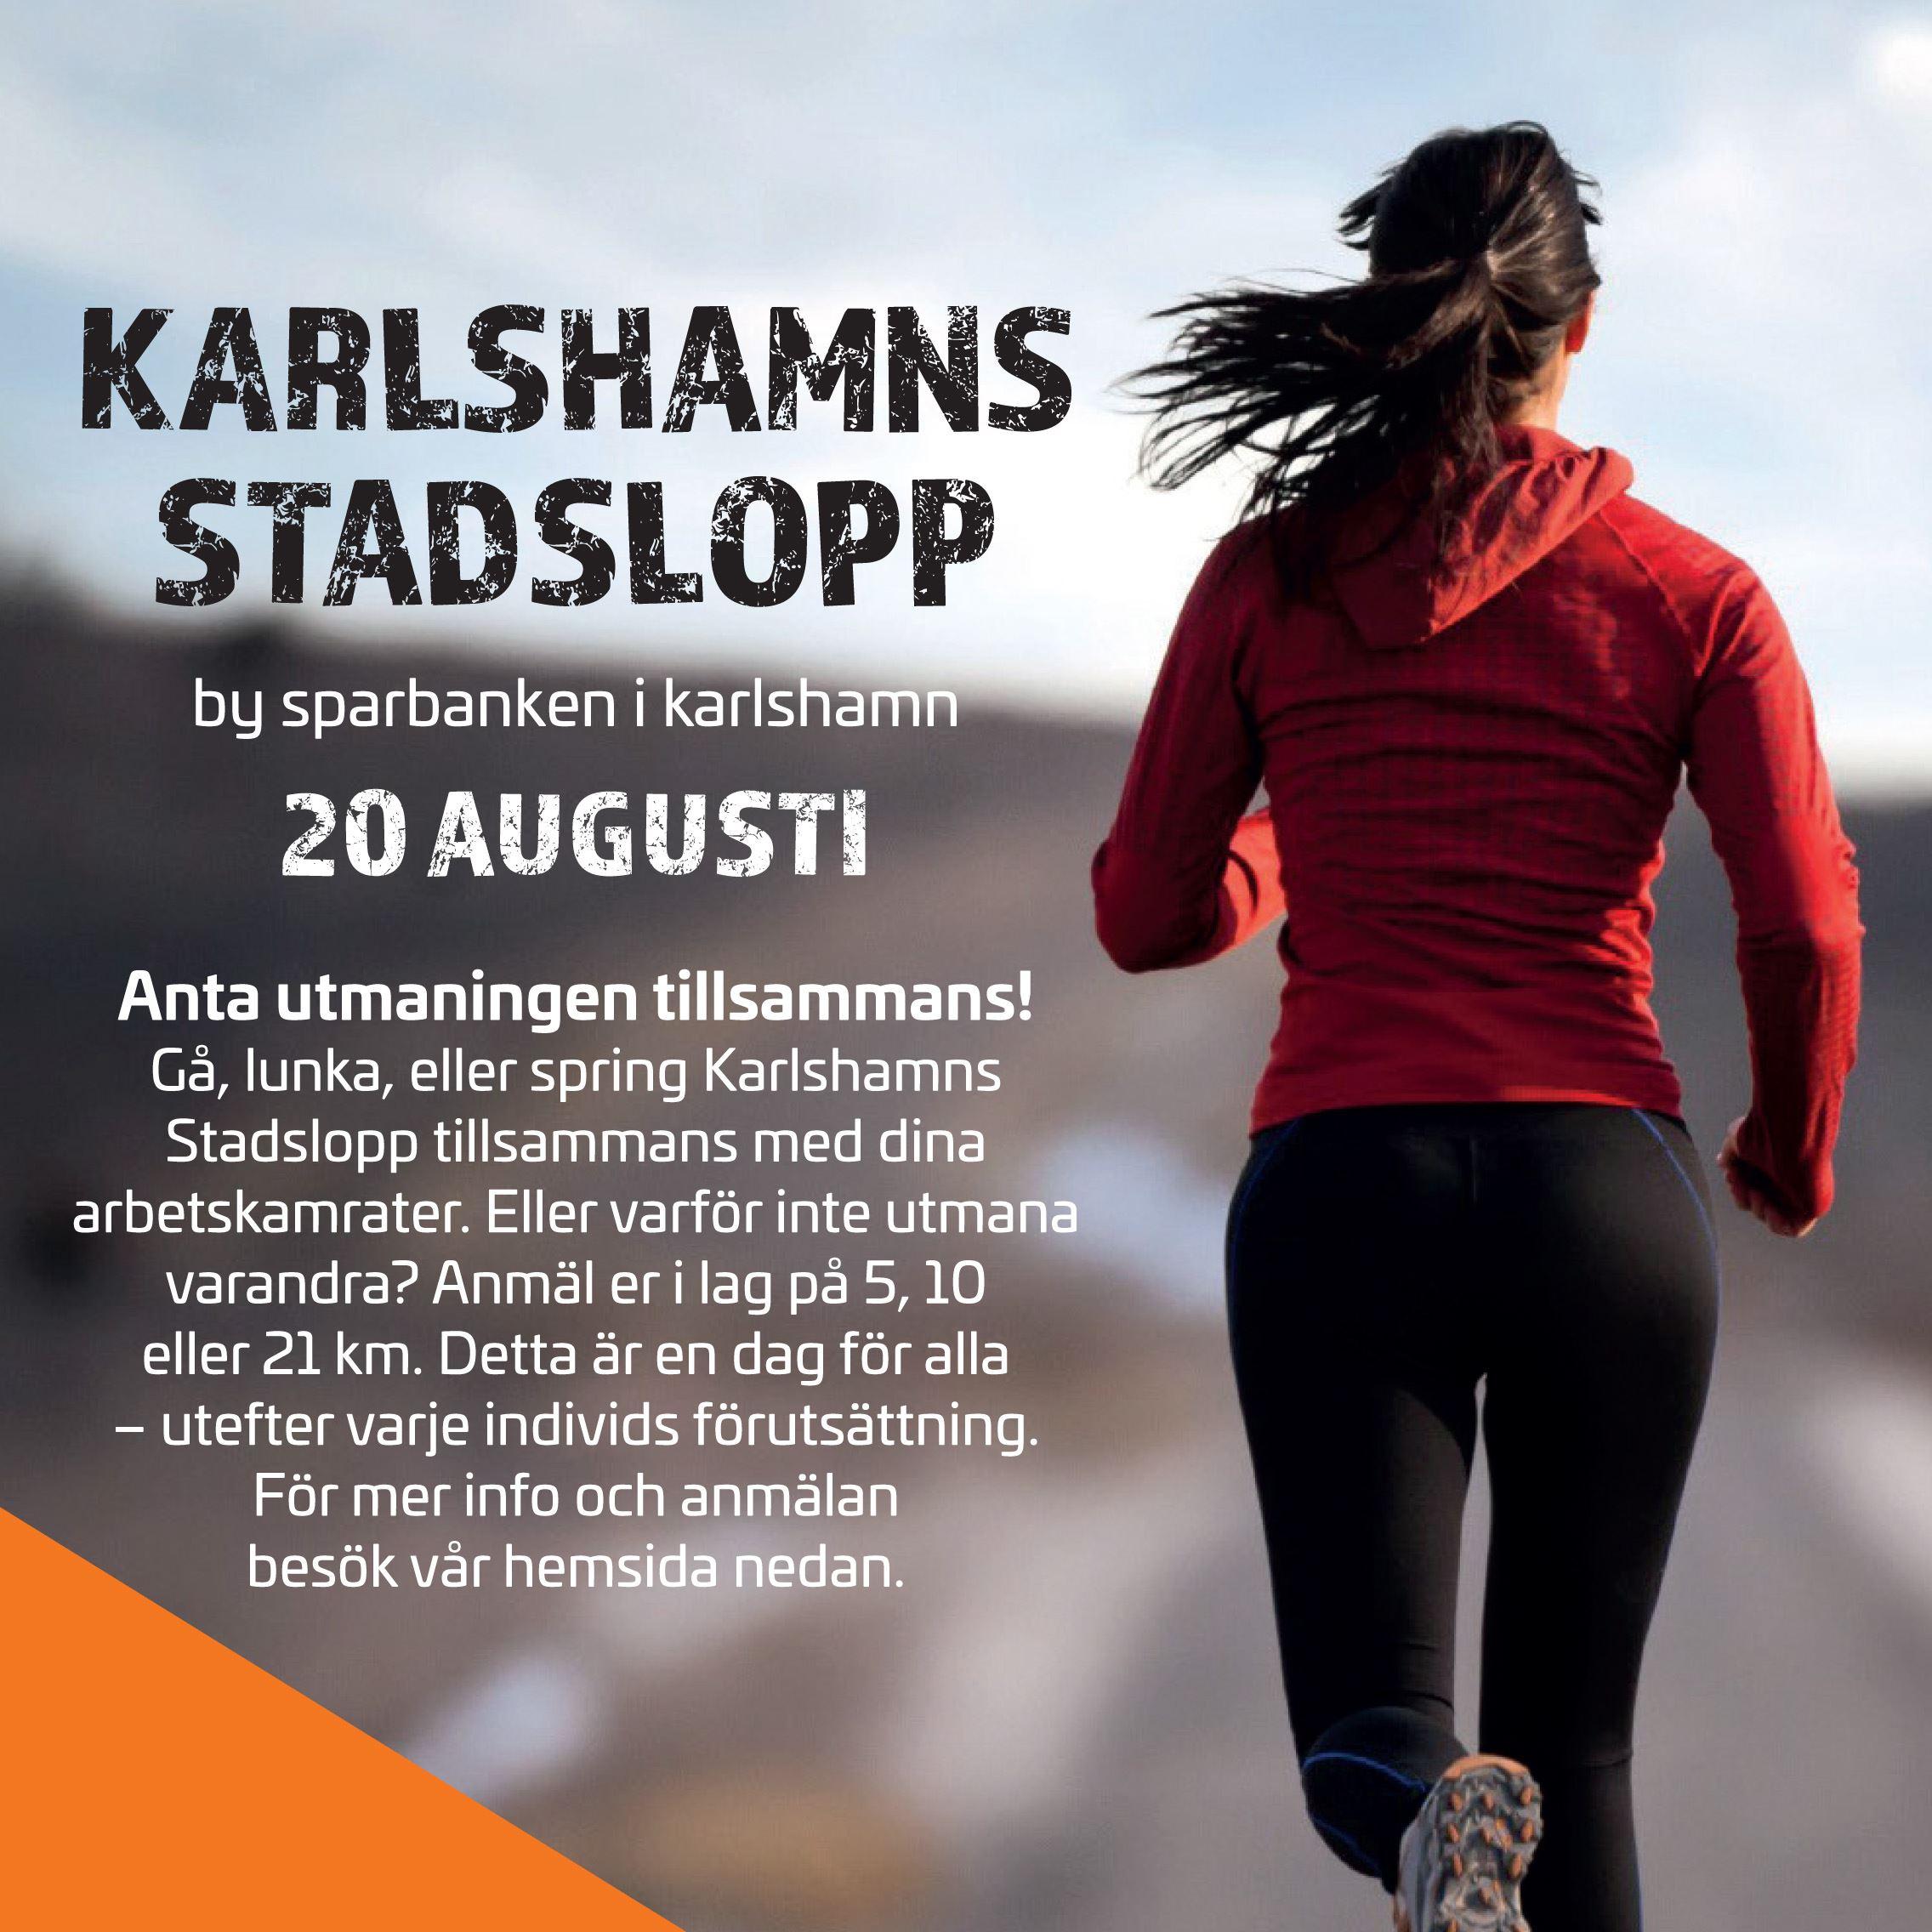 Karlshamns Stadslopp